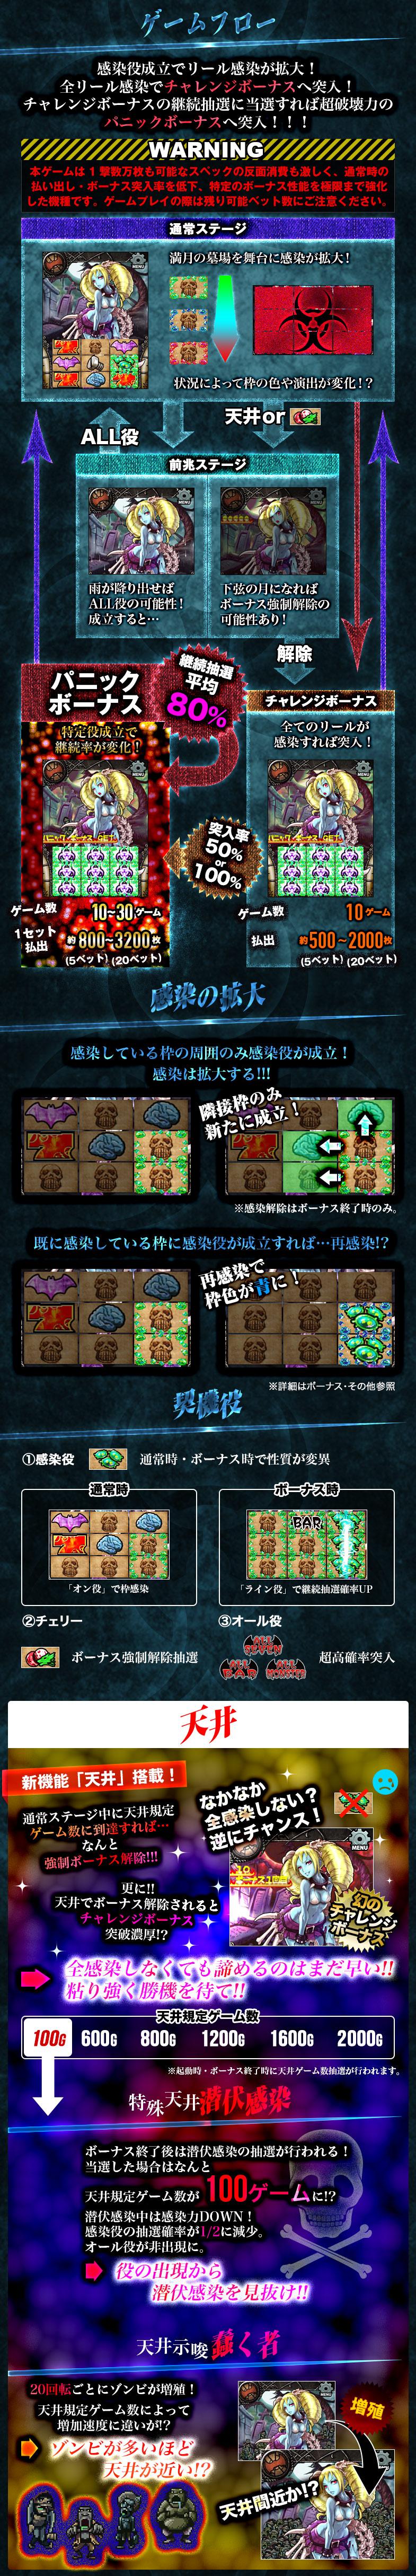 MONSTER-ゾンビ- ゲームフロー